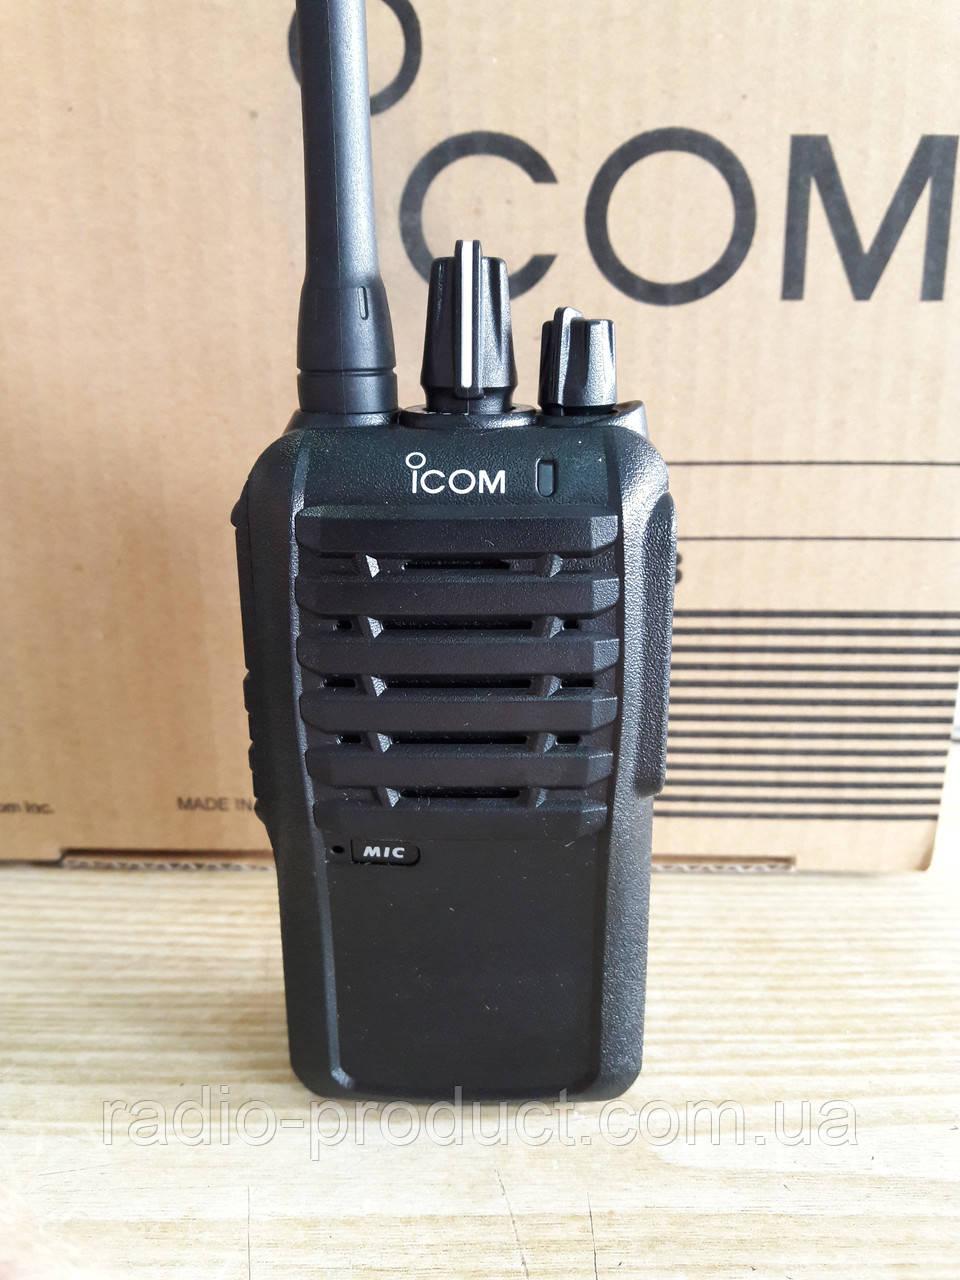 Icom IC-F3003, оригинал, Япония